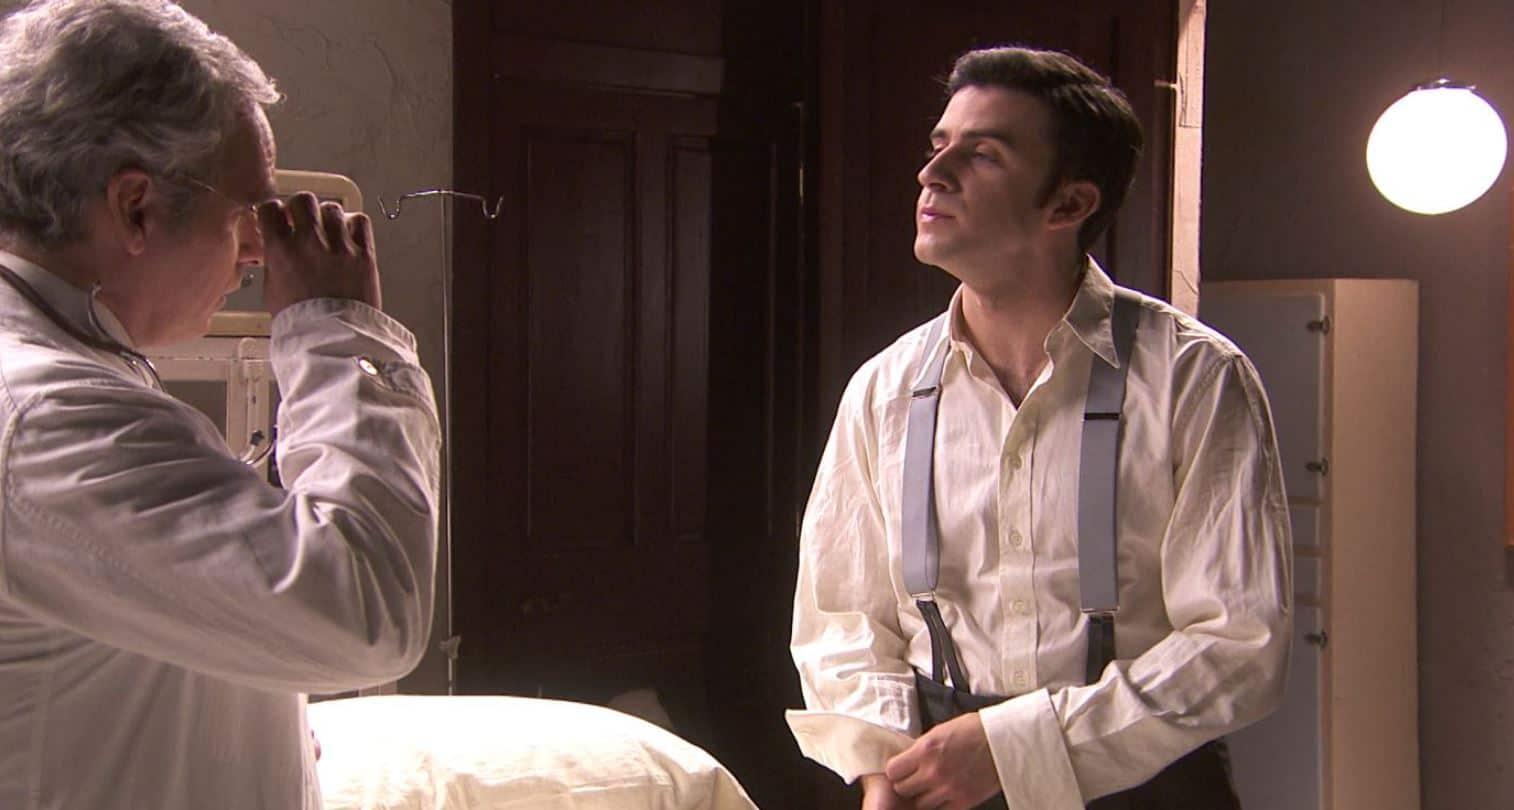 Il segreto anticipazioni: Adolfo e Tomas non sono davvero fratelli? Il sospetto